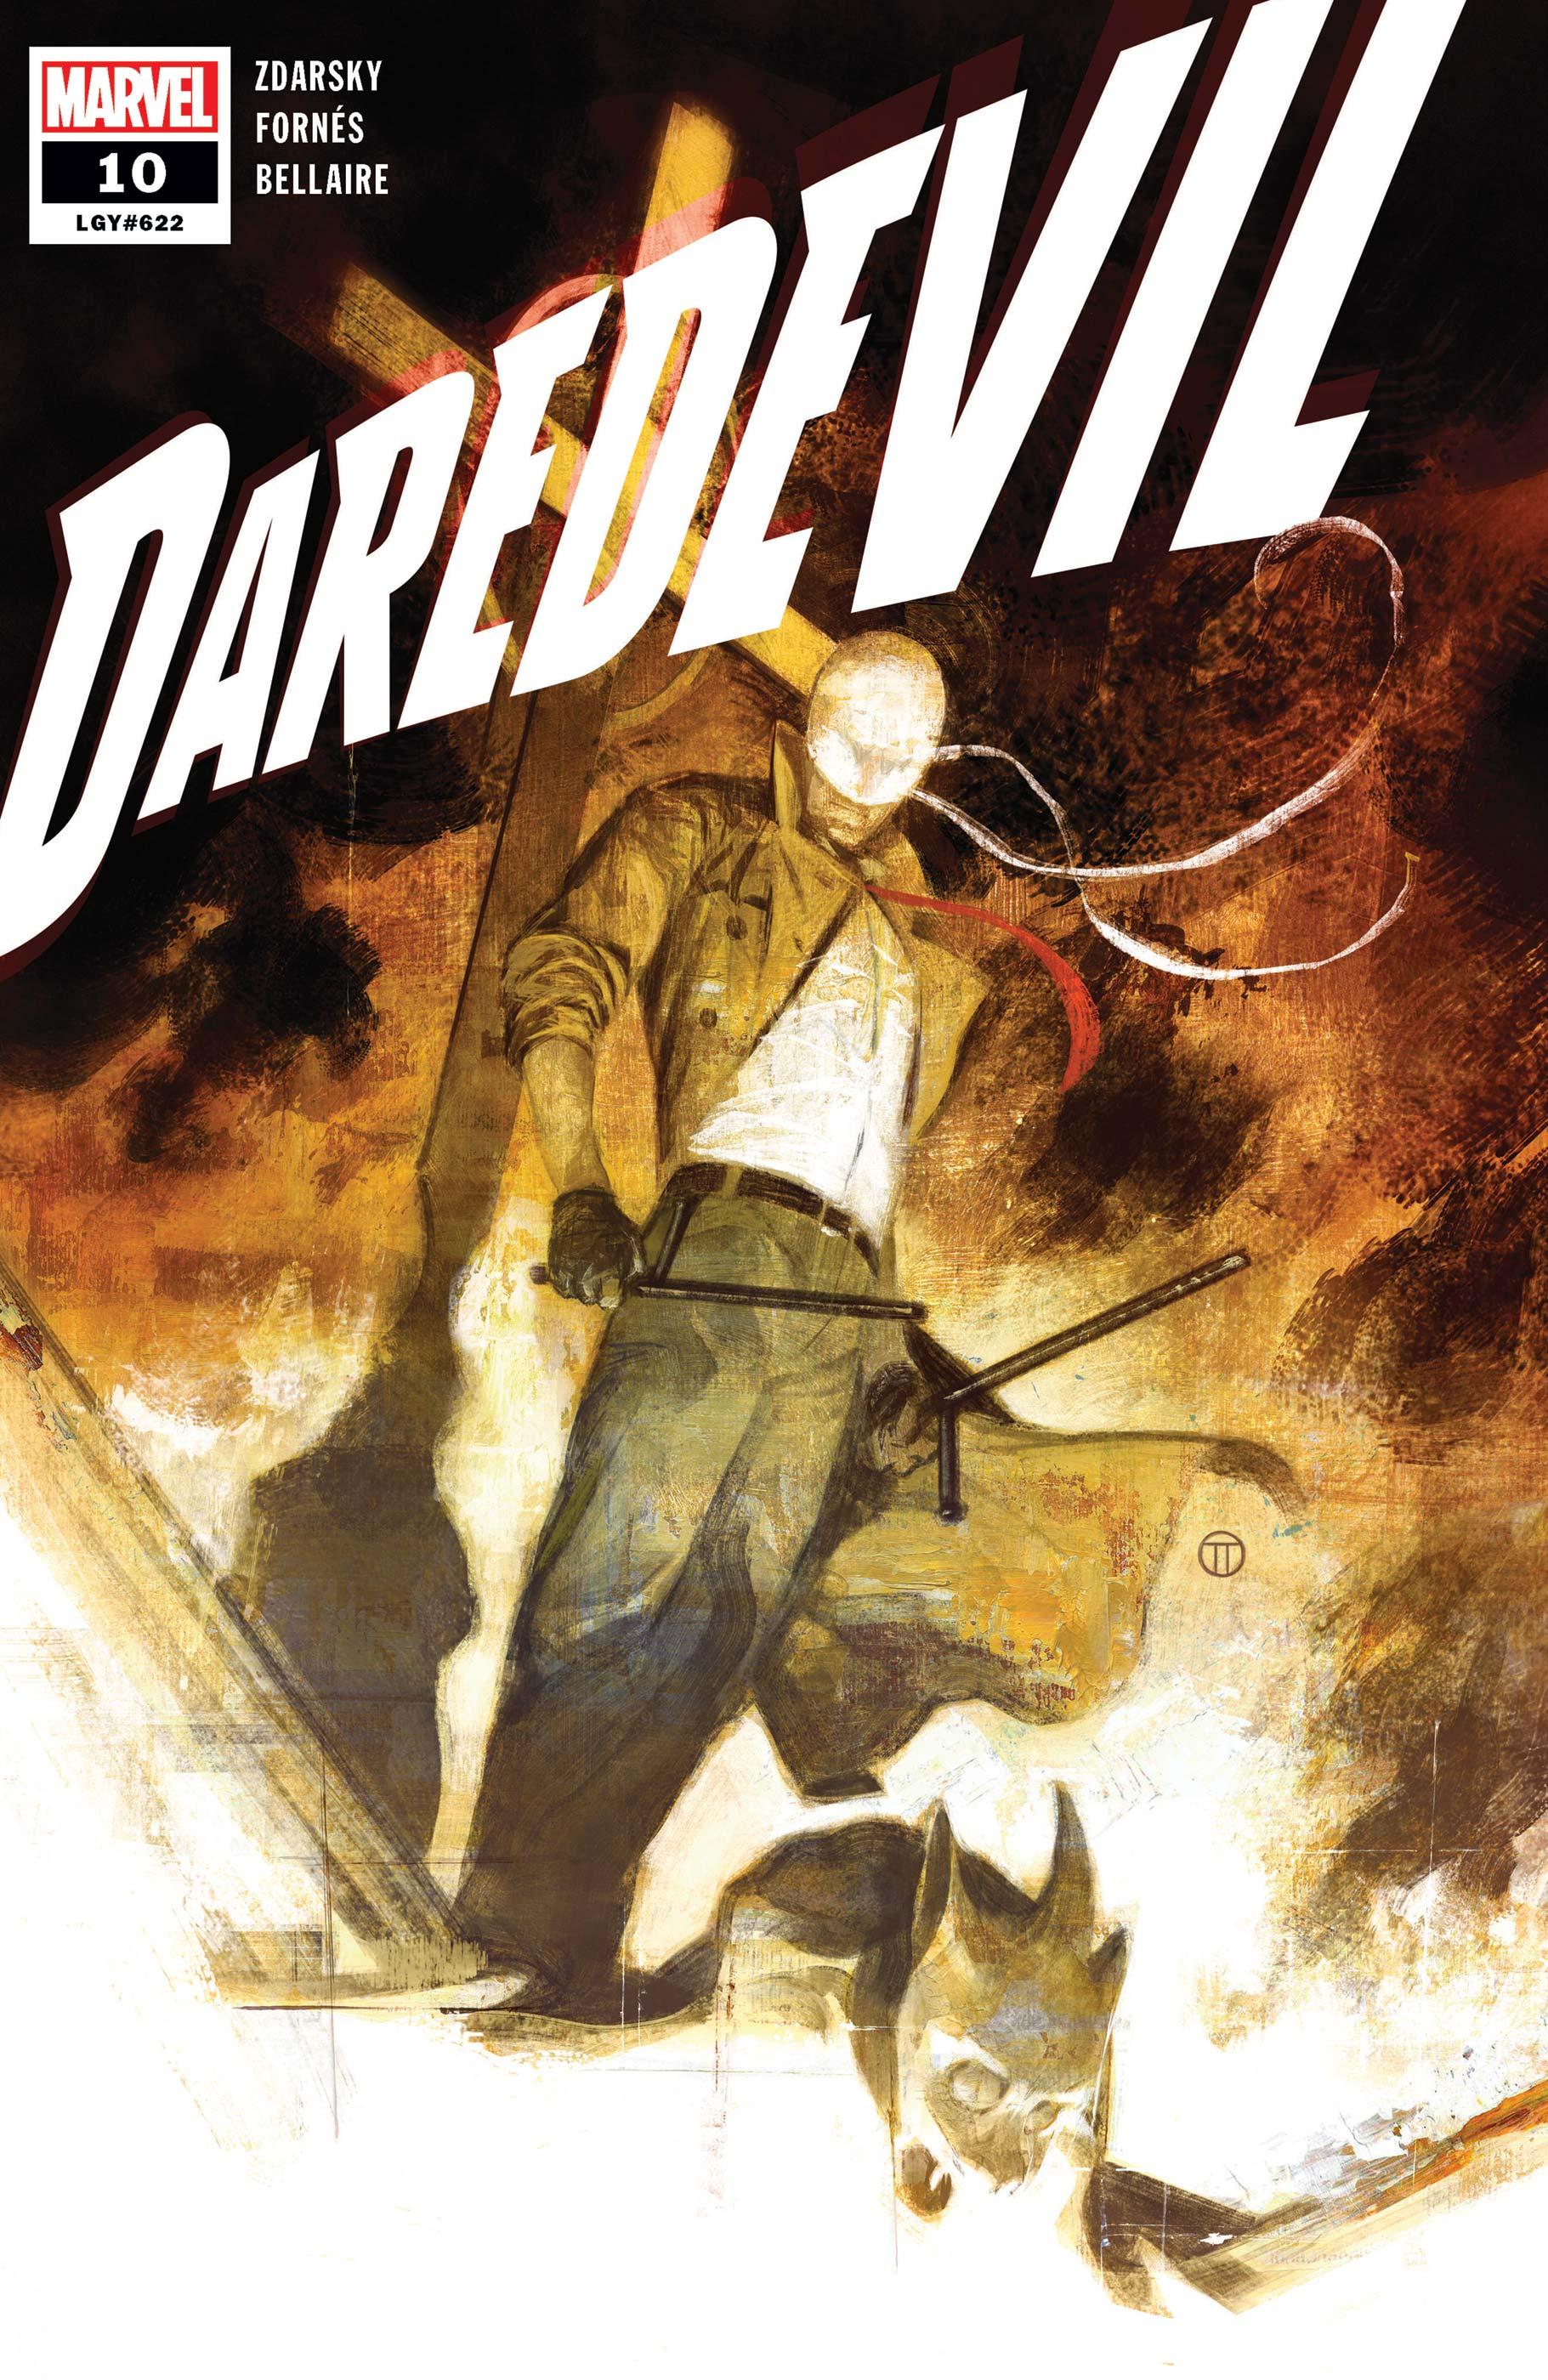 Daredevil (2019) #10